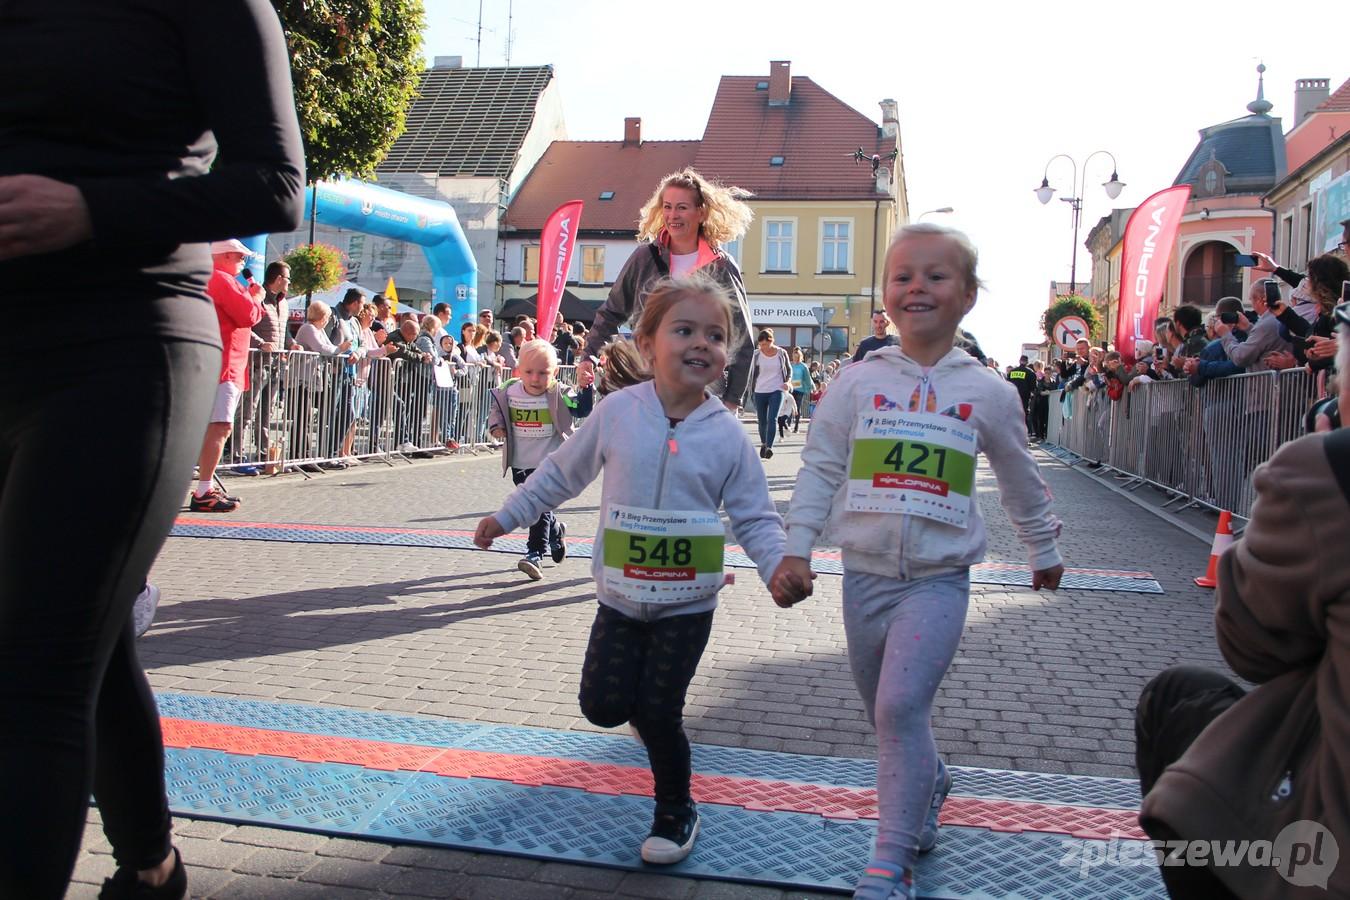 Bieg Przemusia w Pleszewie. Tak bawiły się dzieci! [ZDJĘCIA] - Zdjęcie główne